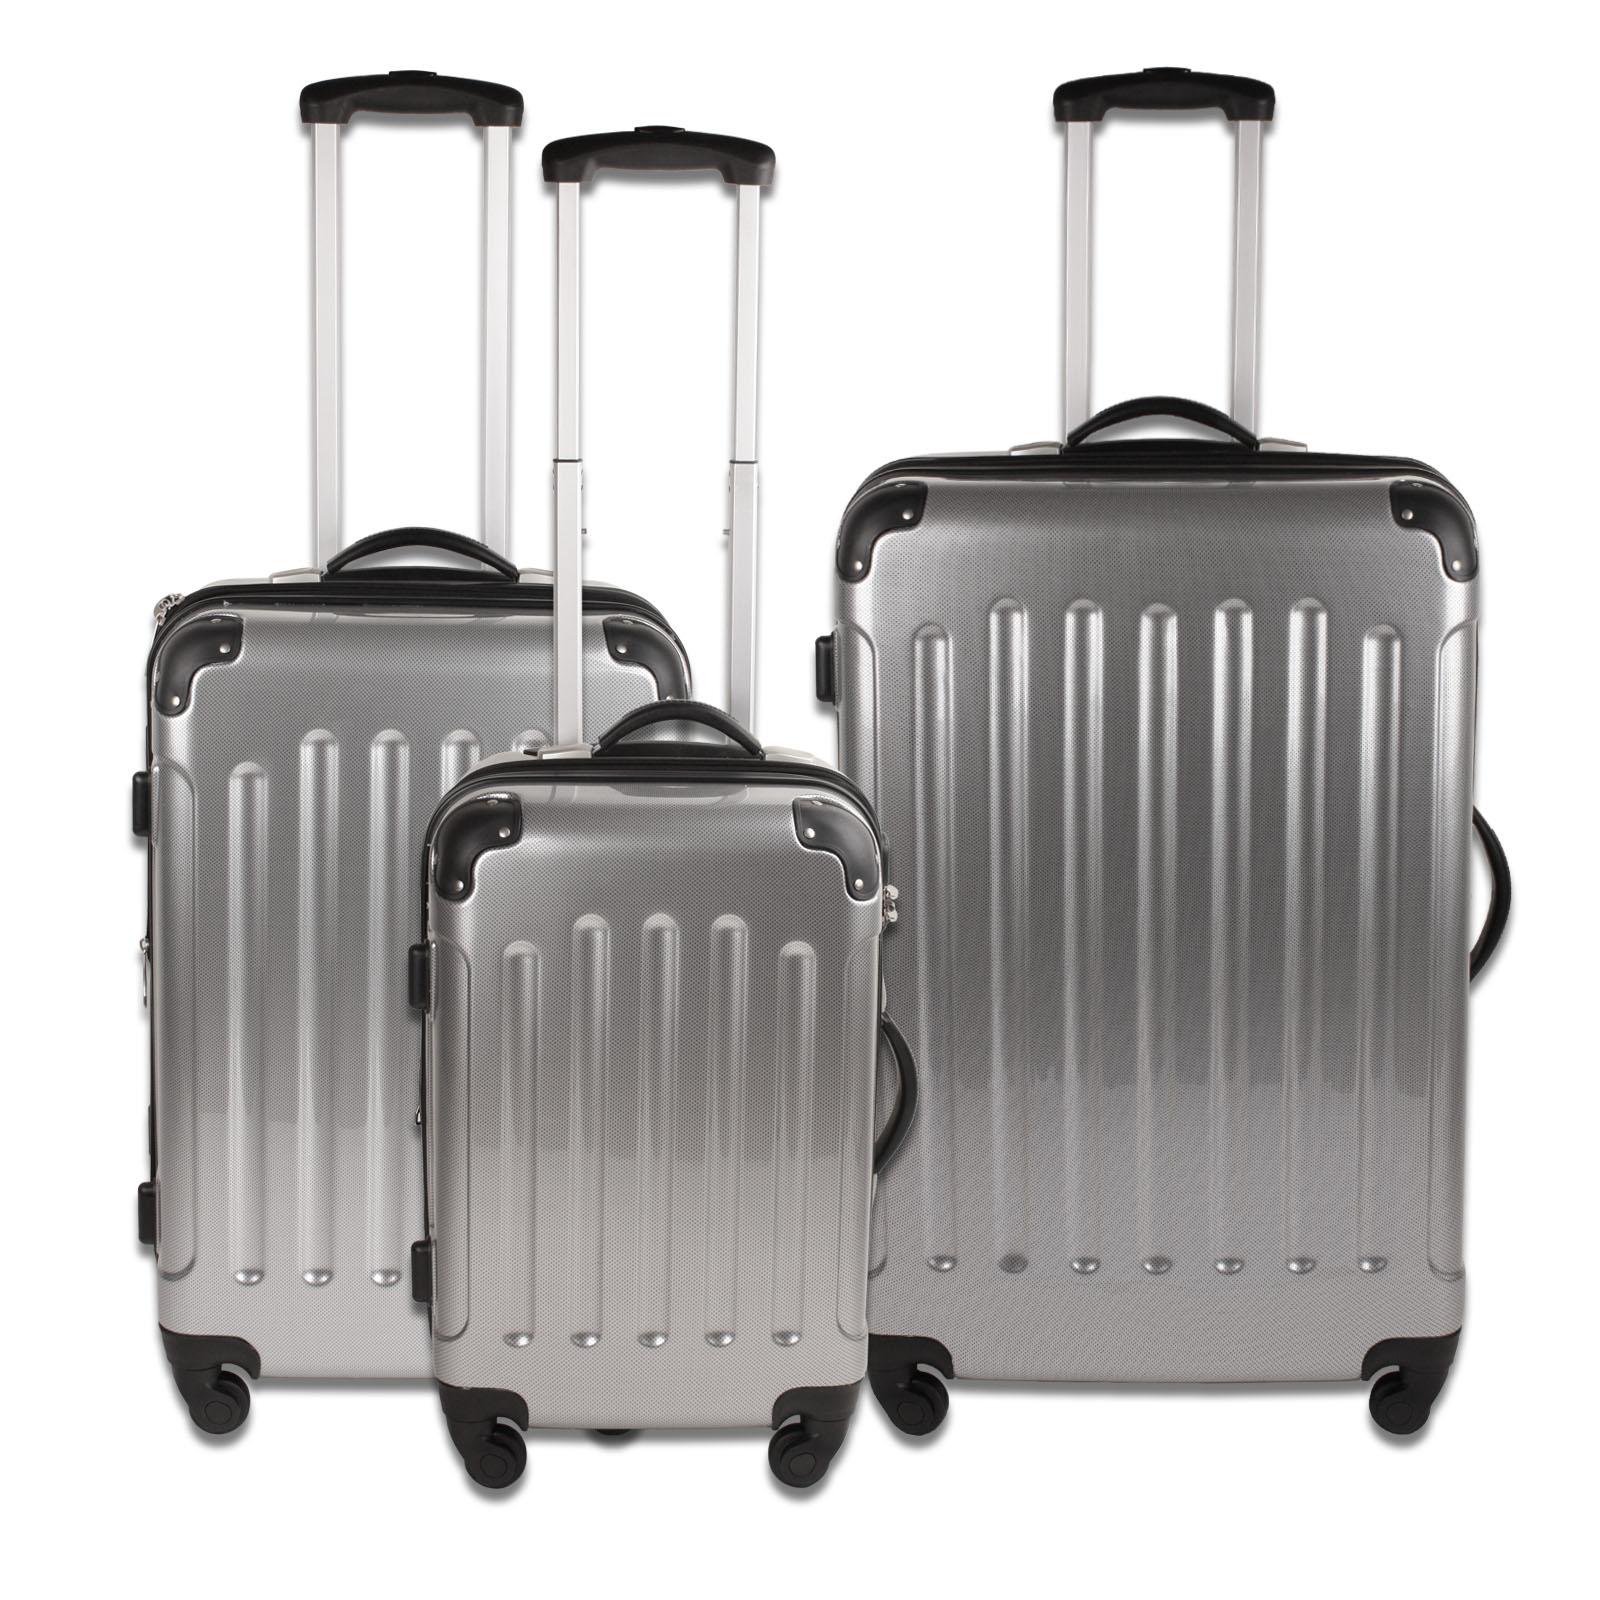 trolley kofferset 3 teilig bestseller shop mit top marken. Black Bedroom Furniture Sets. Home Design Ideas